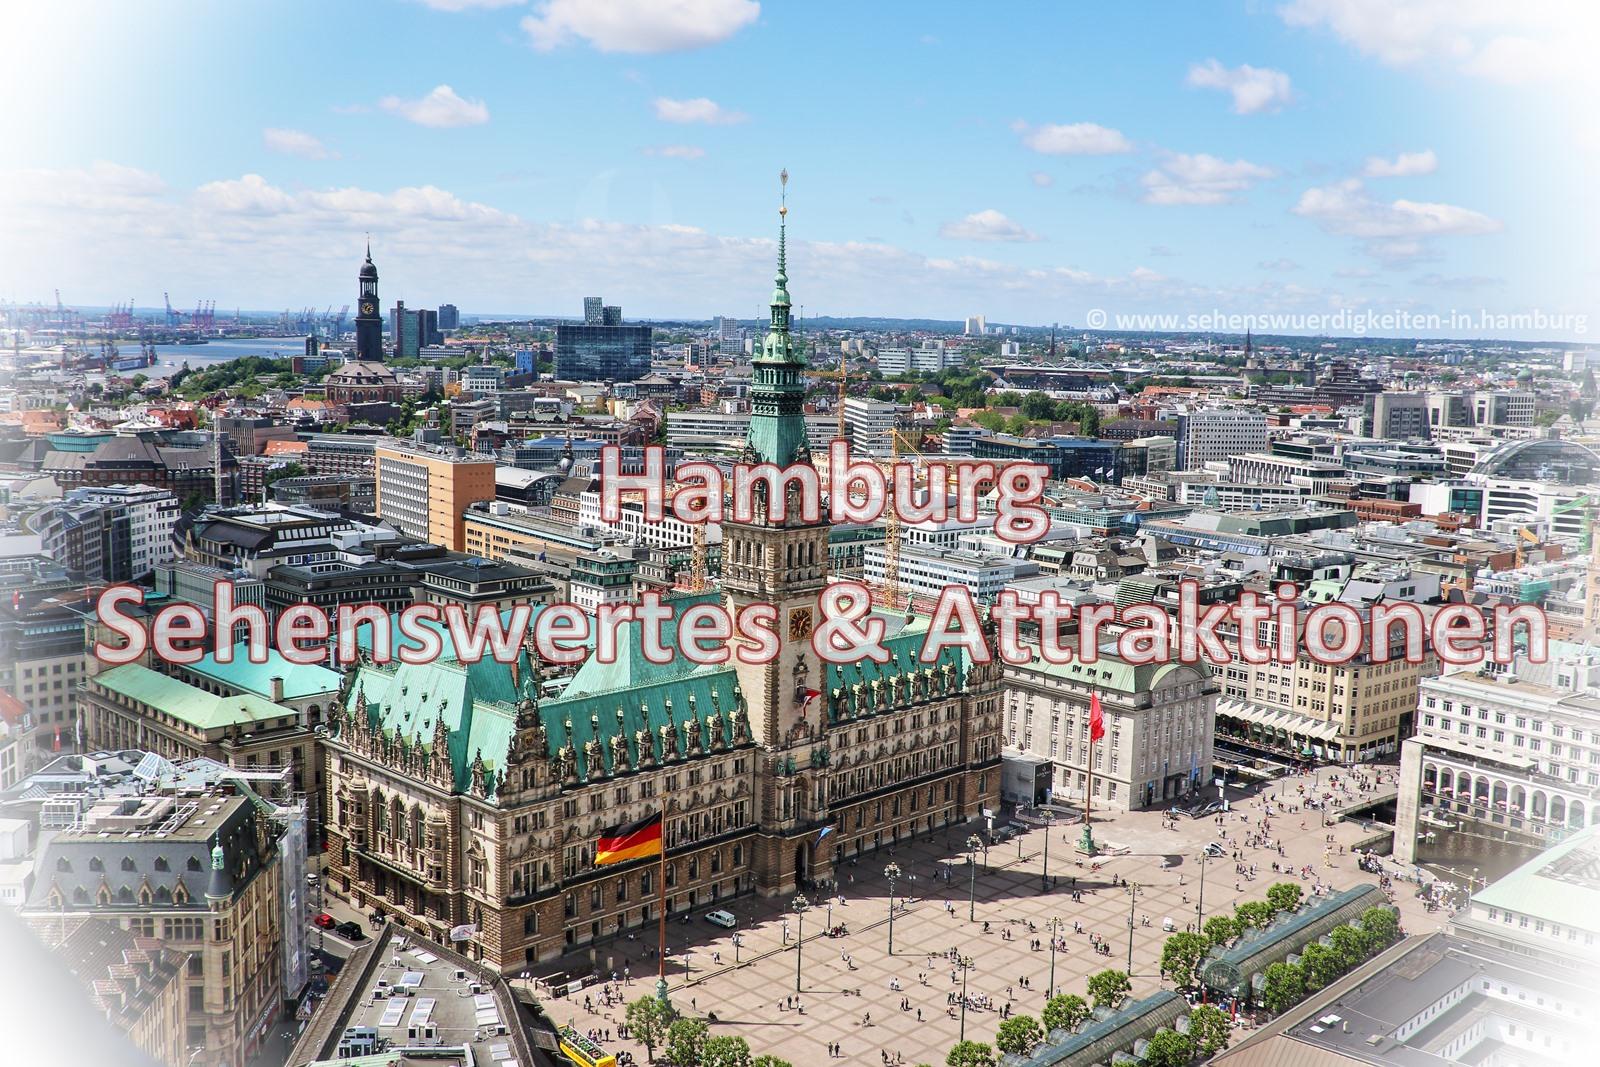 Hamburg Sehenswurdigkeiten Karte Sightseeing Stadtplan